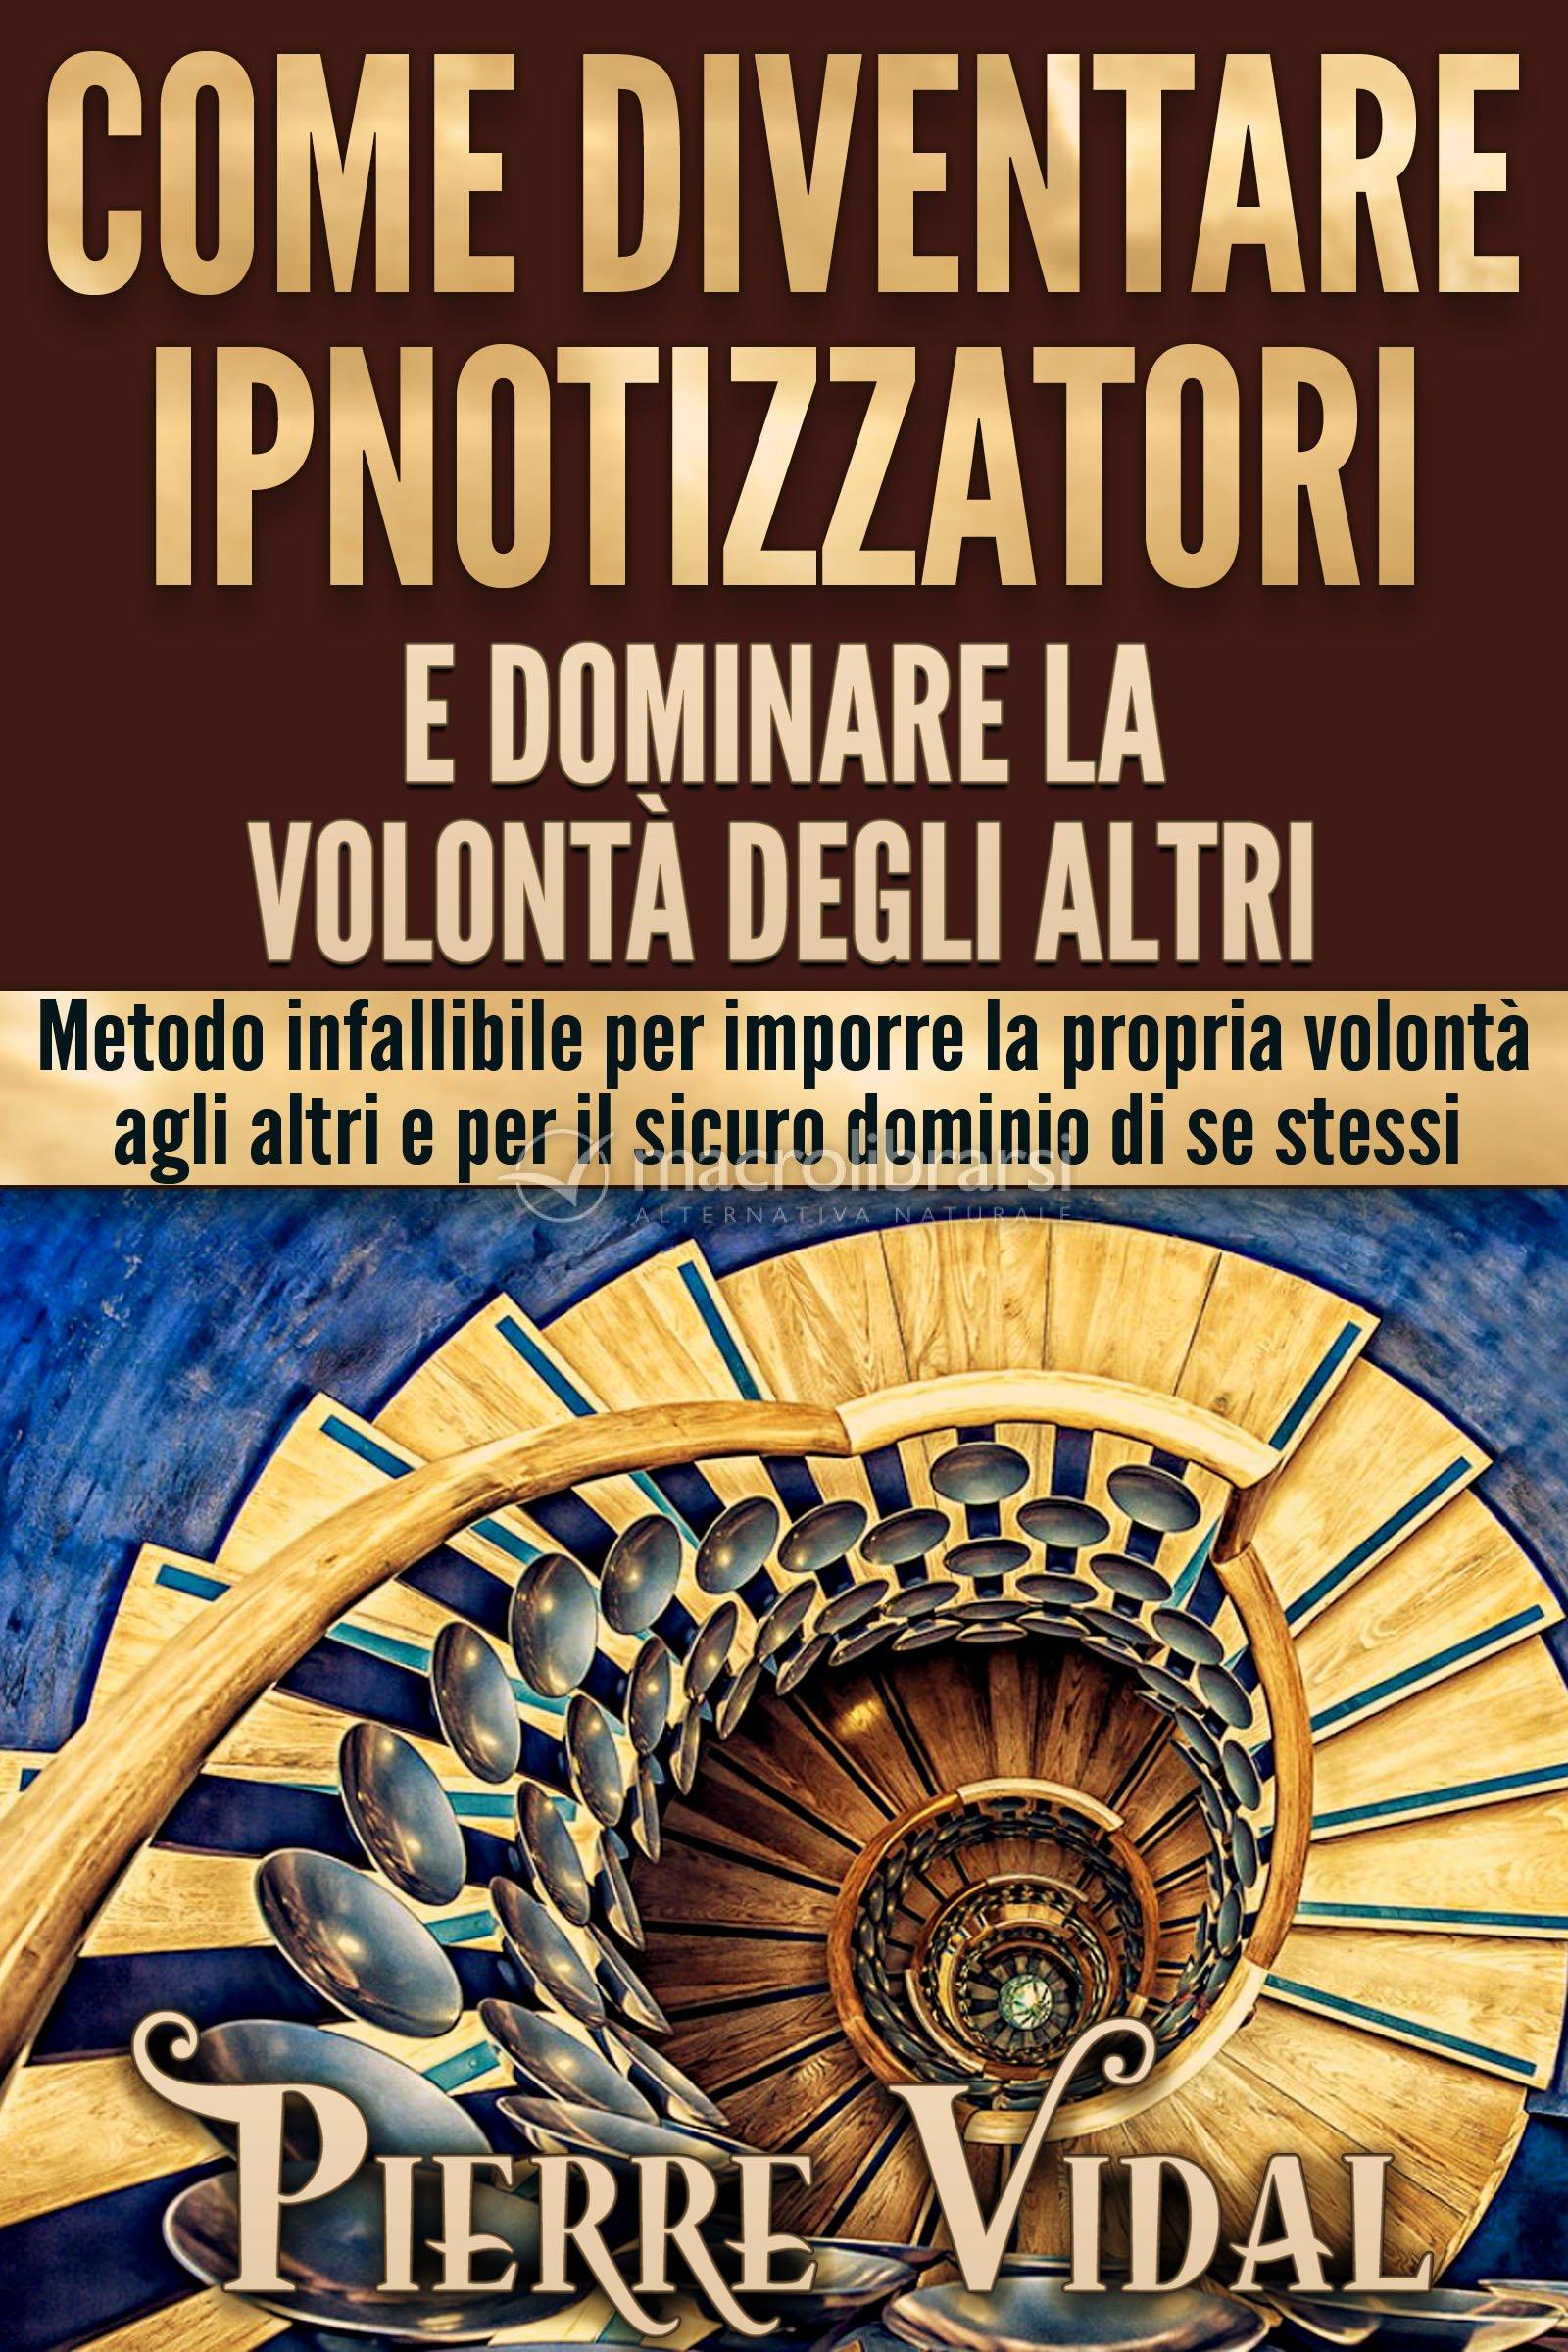 eBook - Come diventare Ipnotizzatori e Dominare la Volontà degli Altri - Pierre Vidal